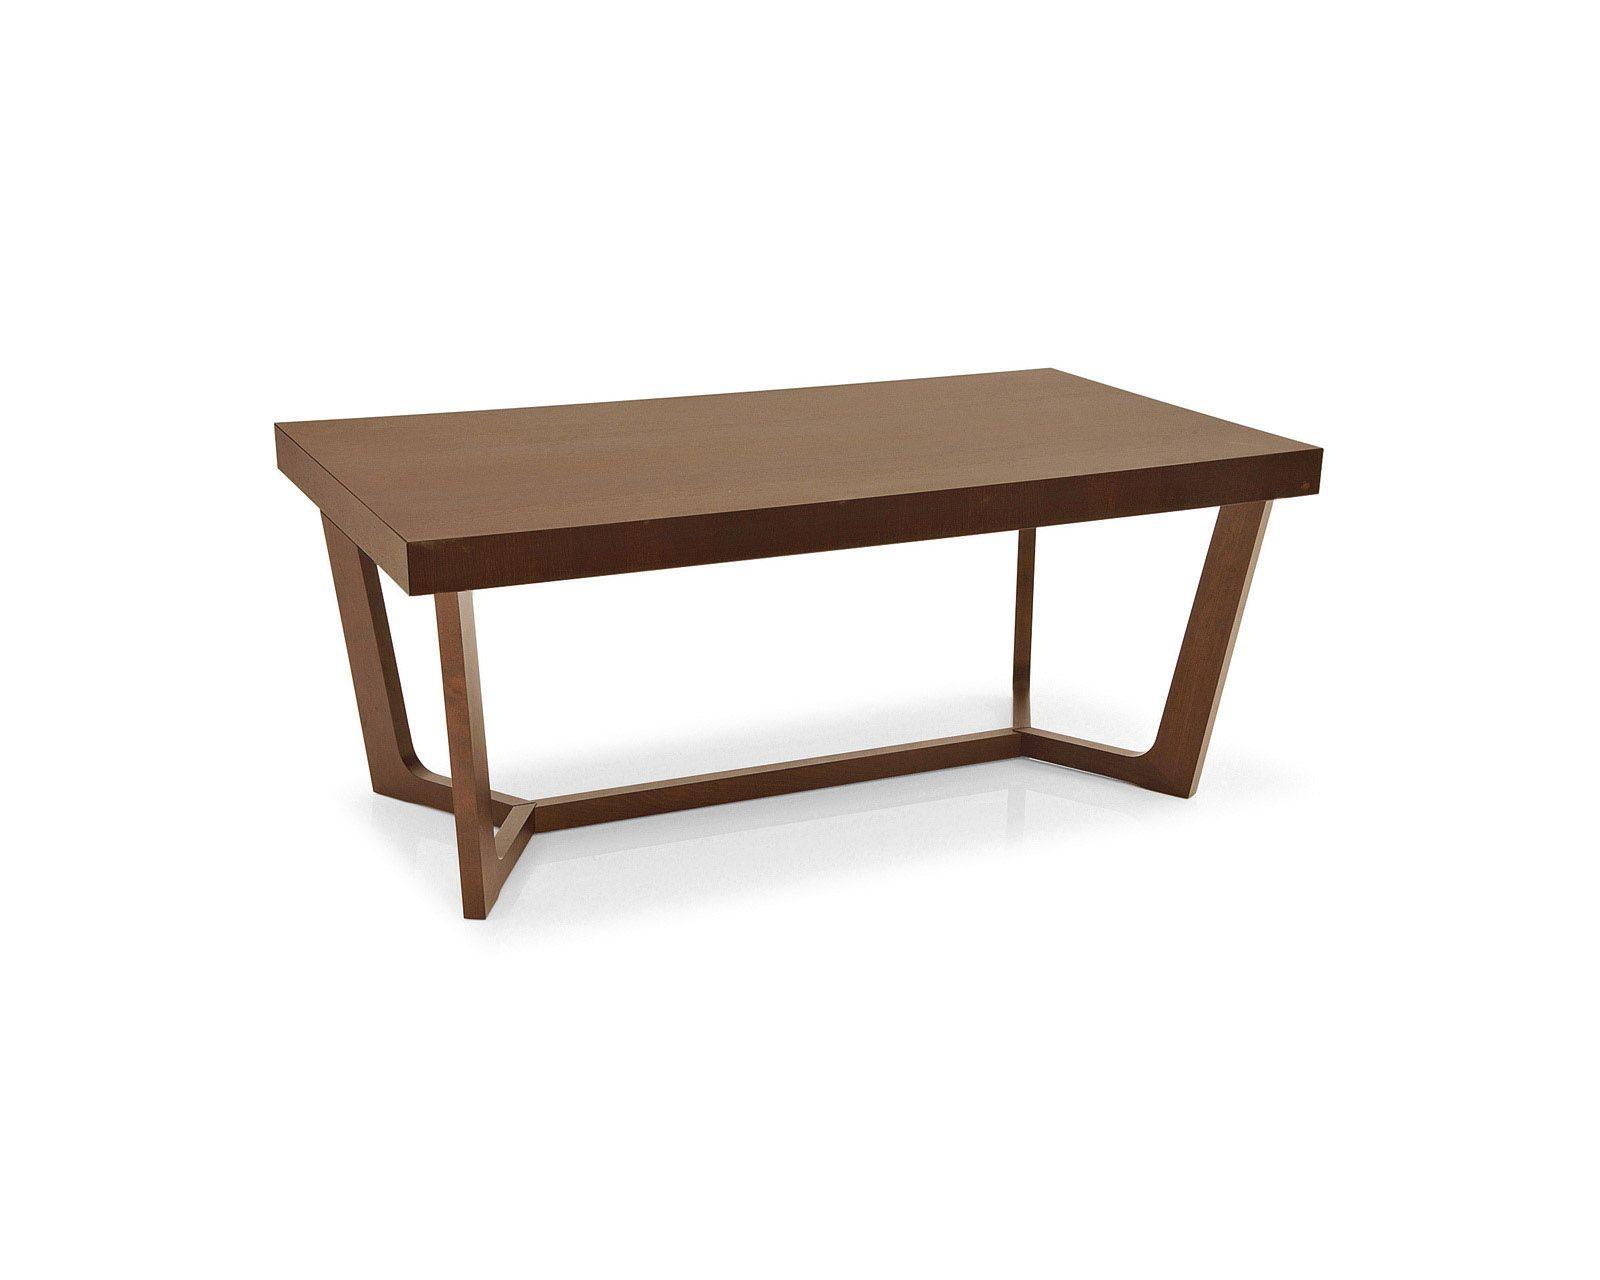 Prince rectangular table 8 seats Calligaris